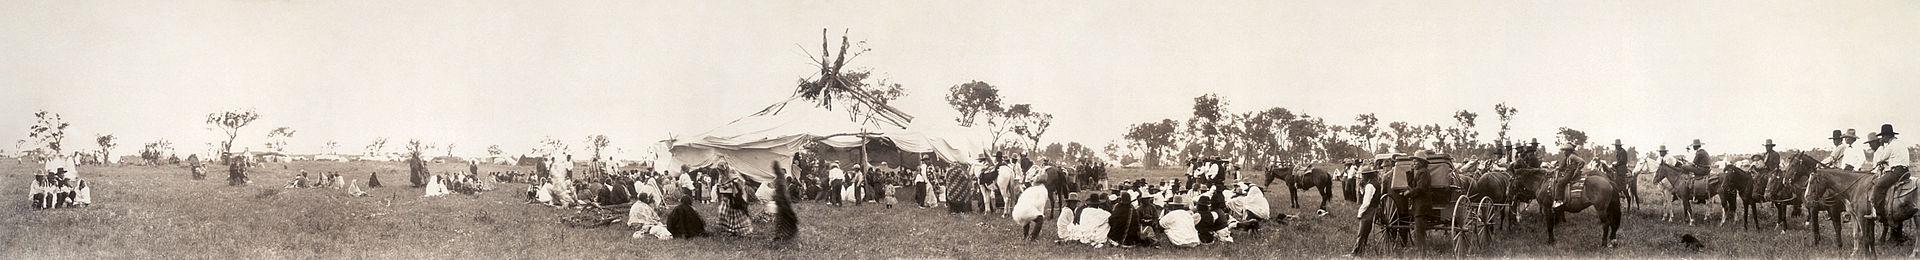 Cheyenne Sun Dance Gathering